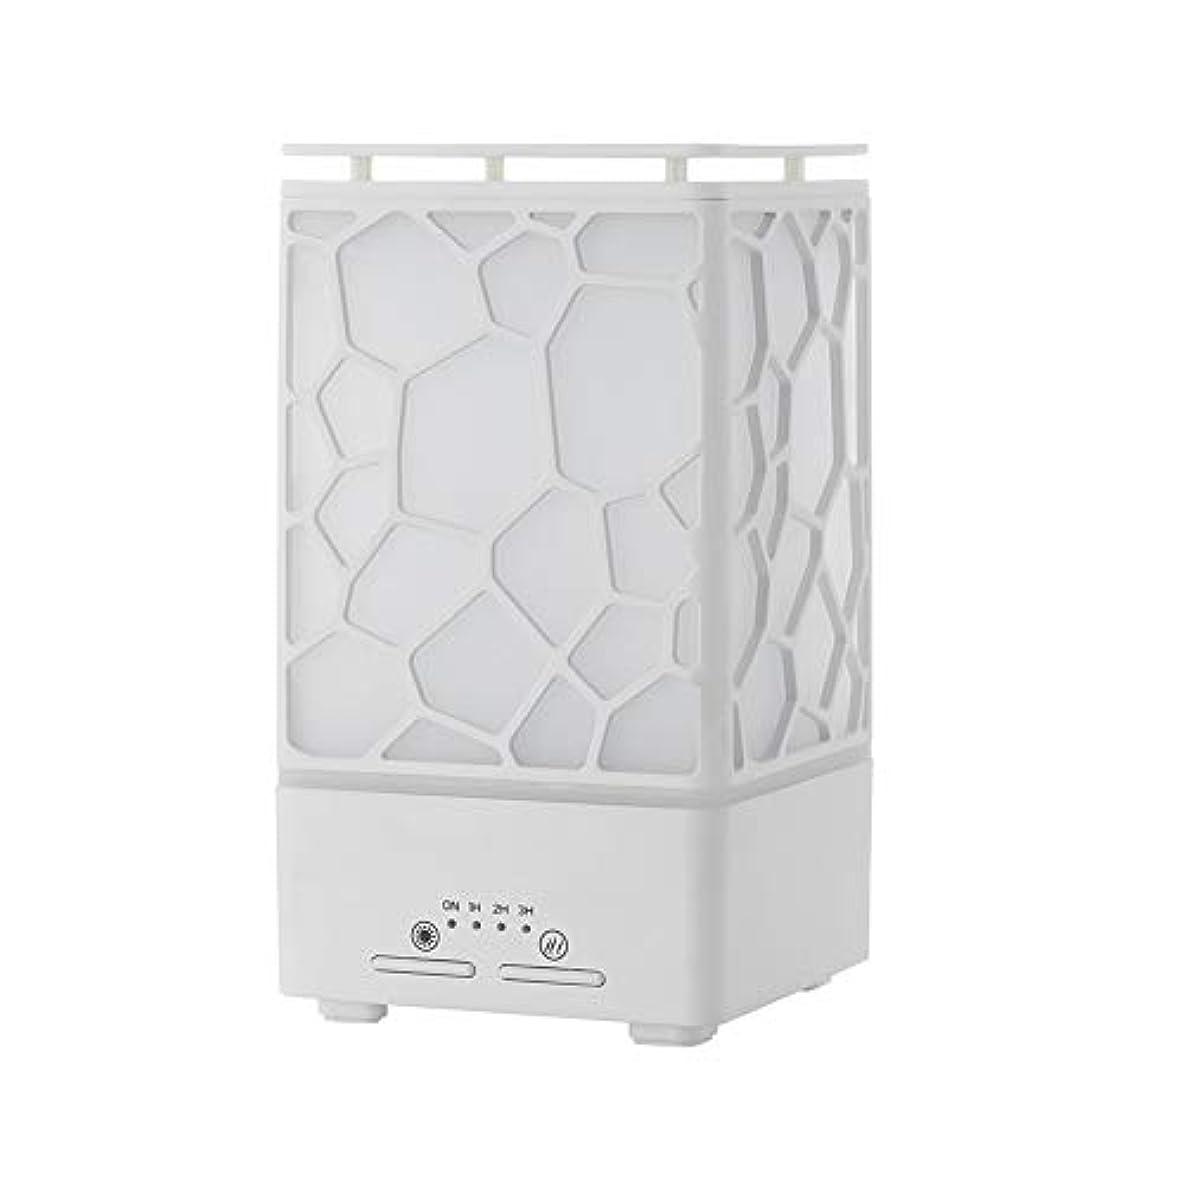 オズワルドボアピルデスク ミニ ウォーターキューブ 加湿器,涼しい霧 精油 ディフューザー 超音波式 香り 加湿機 時間 7 色 ホーム Yoga スパ オフィス- 200ml